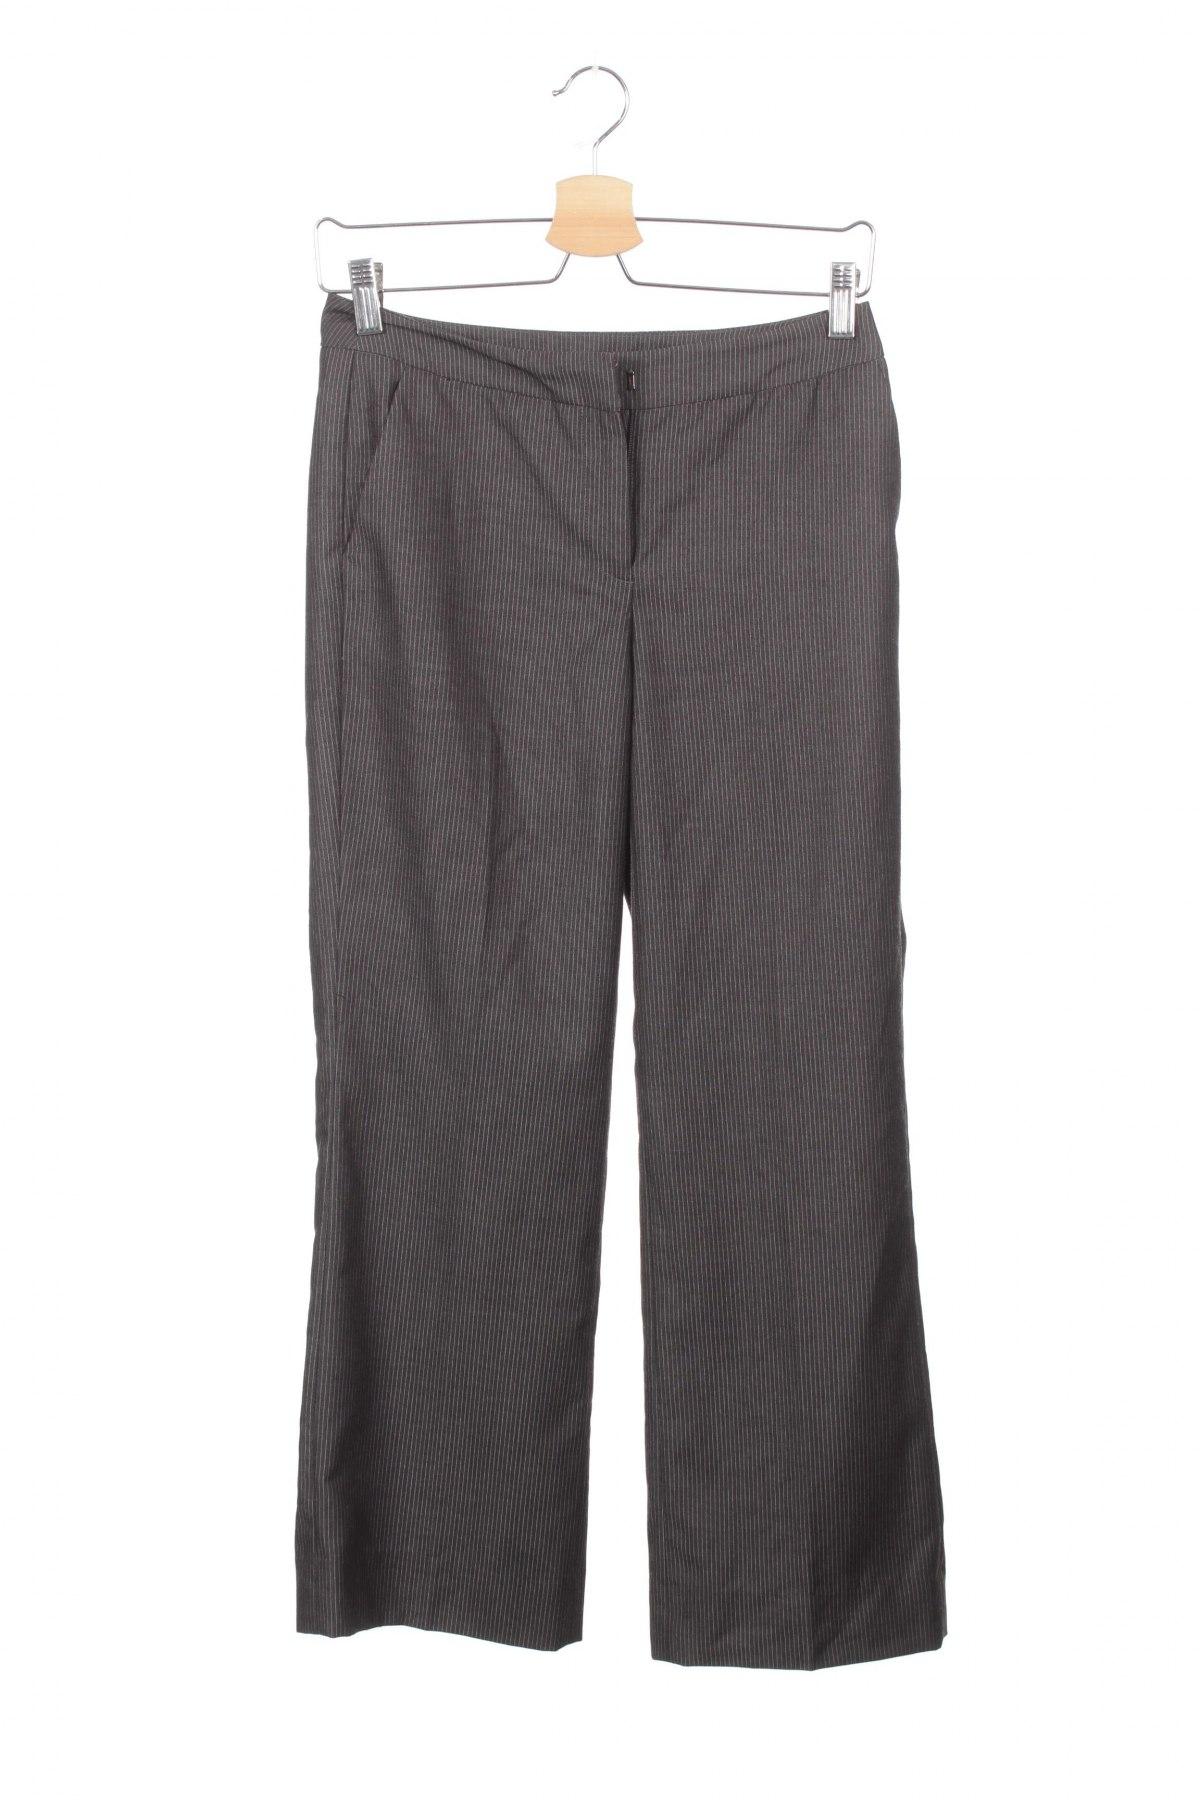 Дамски панталон Nine West, Размер XS, Цвят Сив, 84% полиестер, 16% вискоза, Цена 7,82лв.